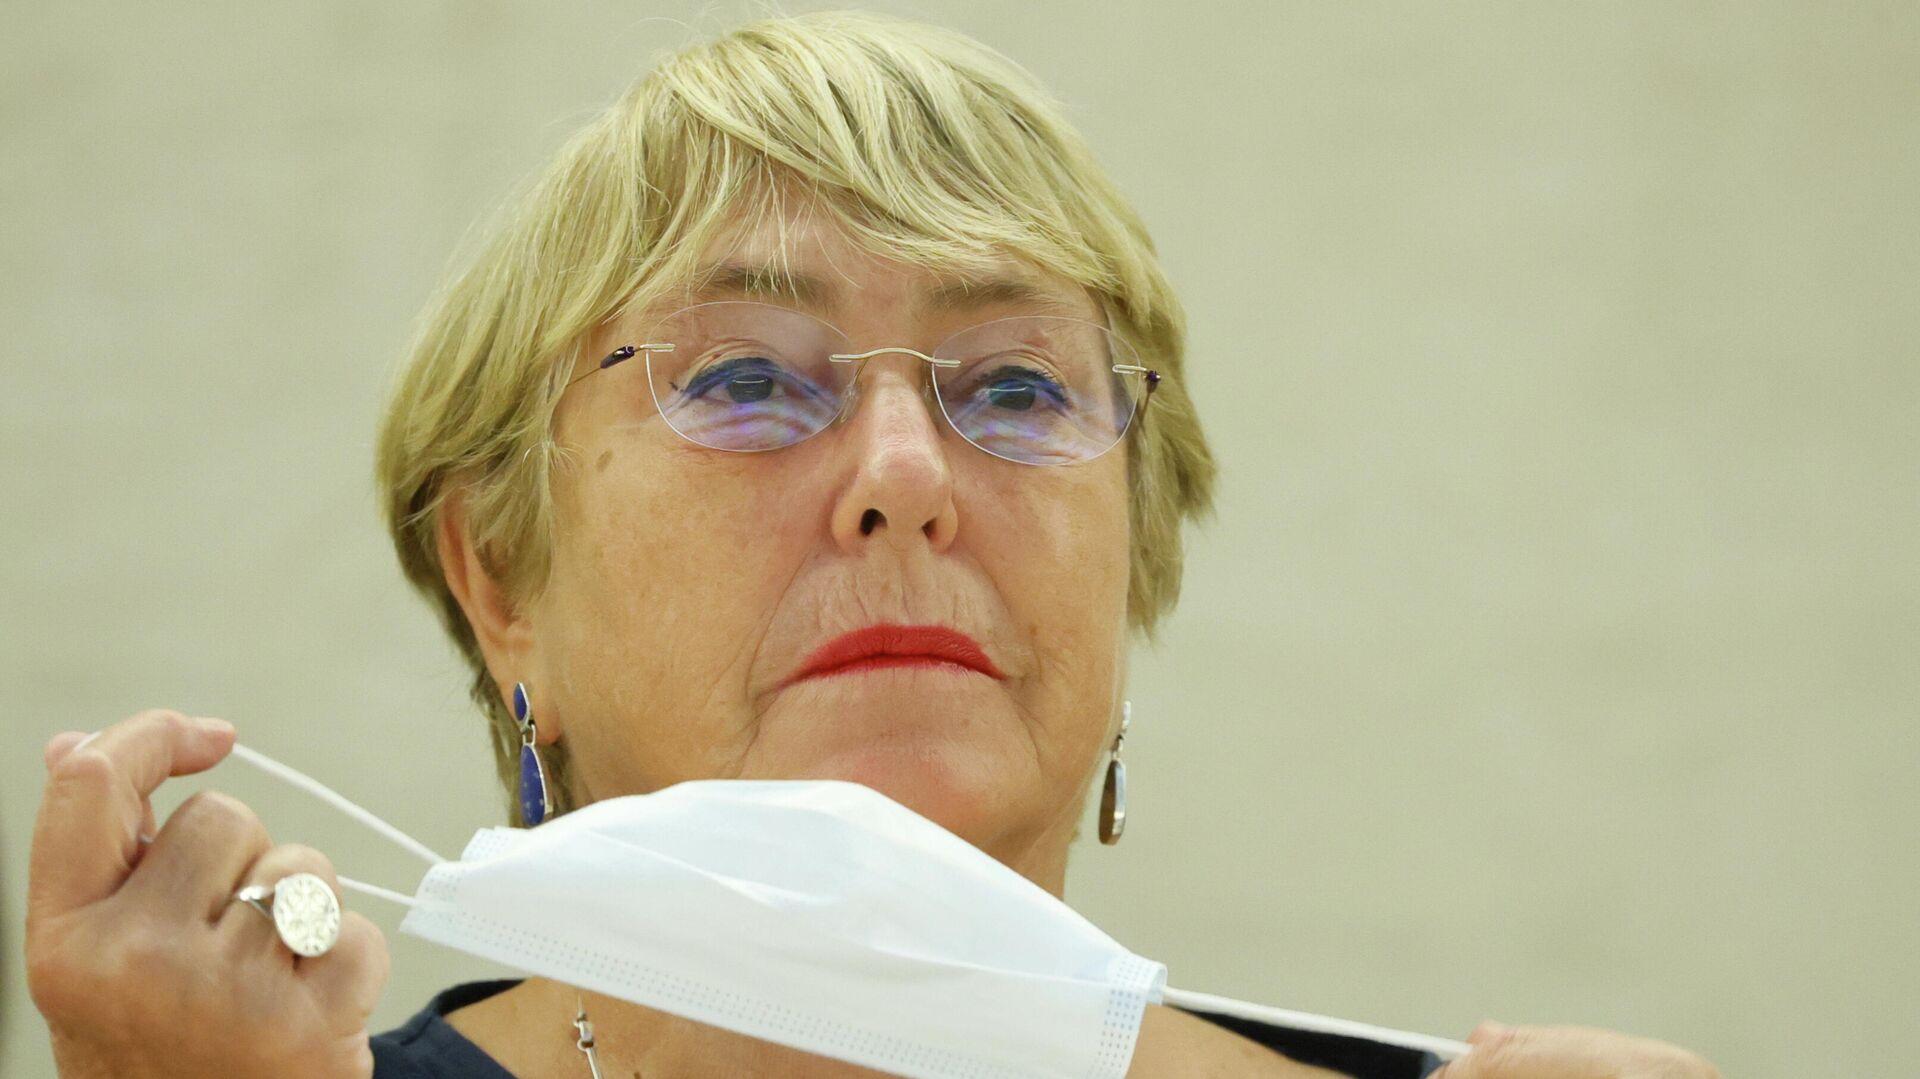 Michelle Bachelet, la alta comisionada de las Naciones Unidas para los Derechos Humanos (ACNUR) - Sputnik Mundo, 1920, 13.09.2021